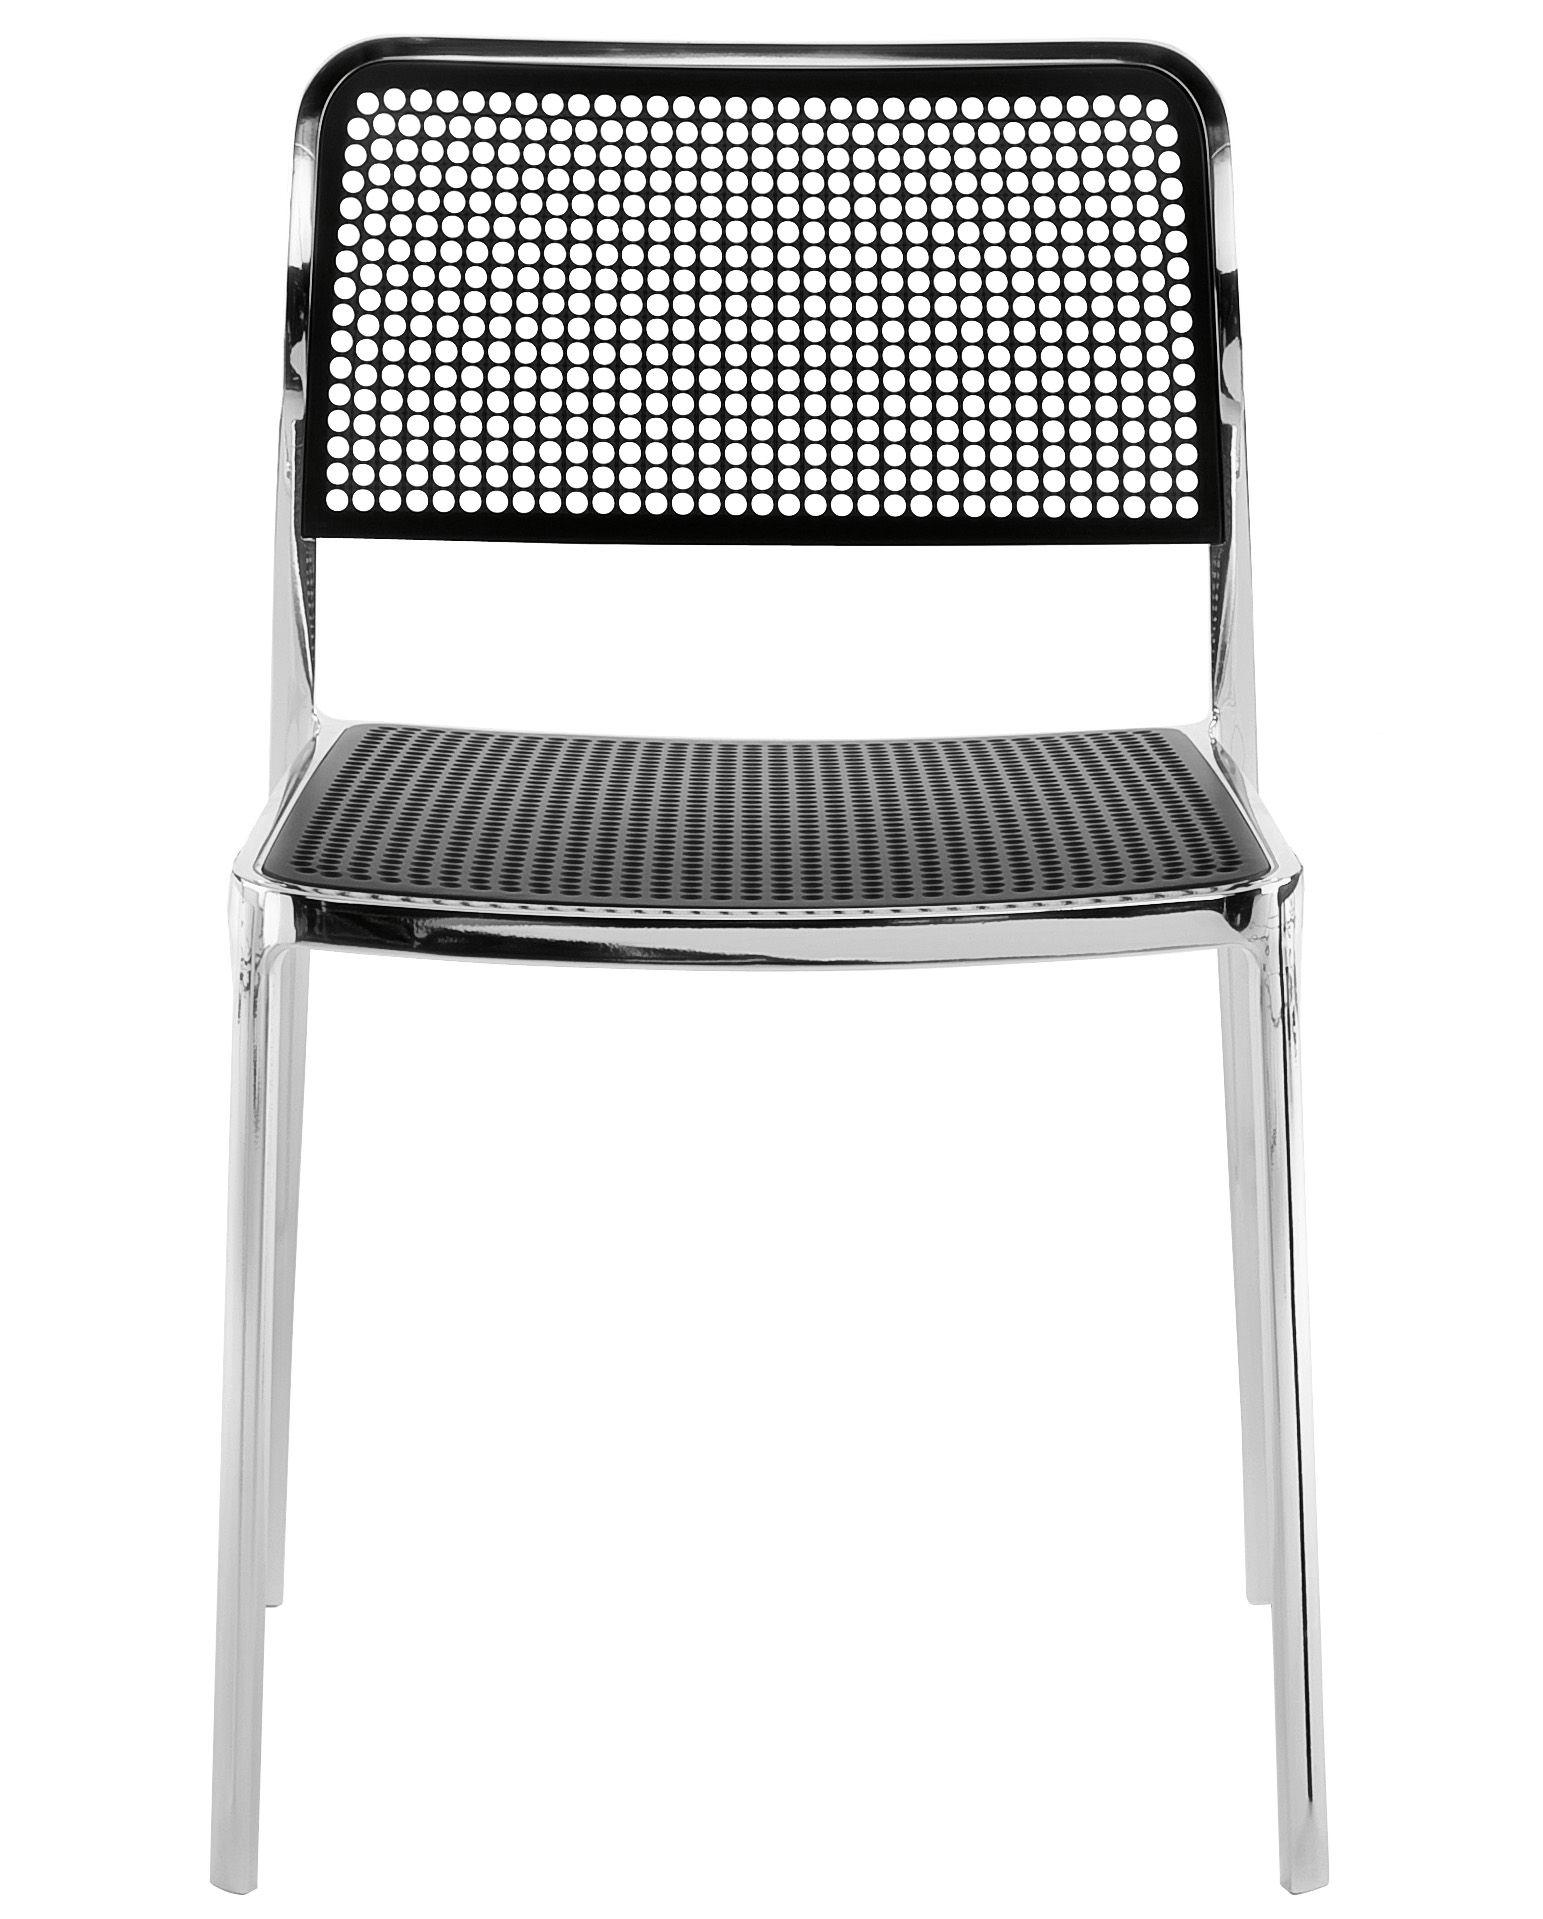 Mobilier - Chaises, fauteuils de salle à manger - Chaise empilable Audrey / Structure aluminium brillant - Kartell - Structure alu brillant/ Assise noire - Aluminium poli, Polypropylène